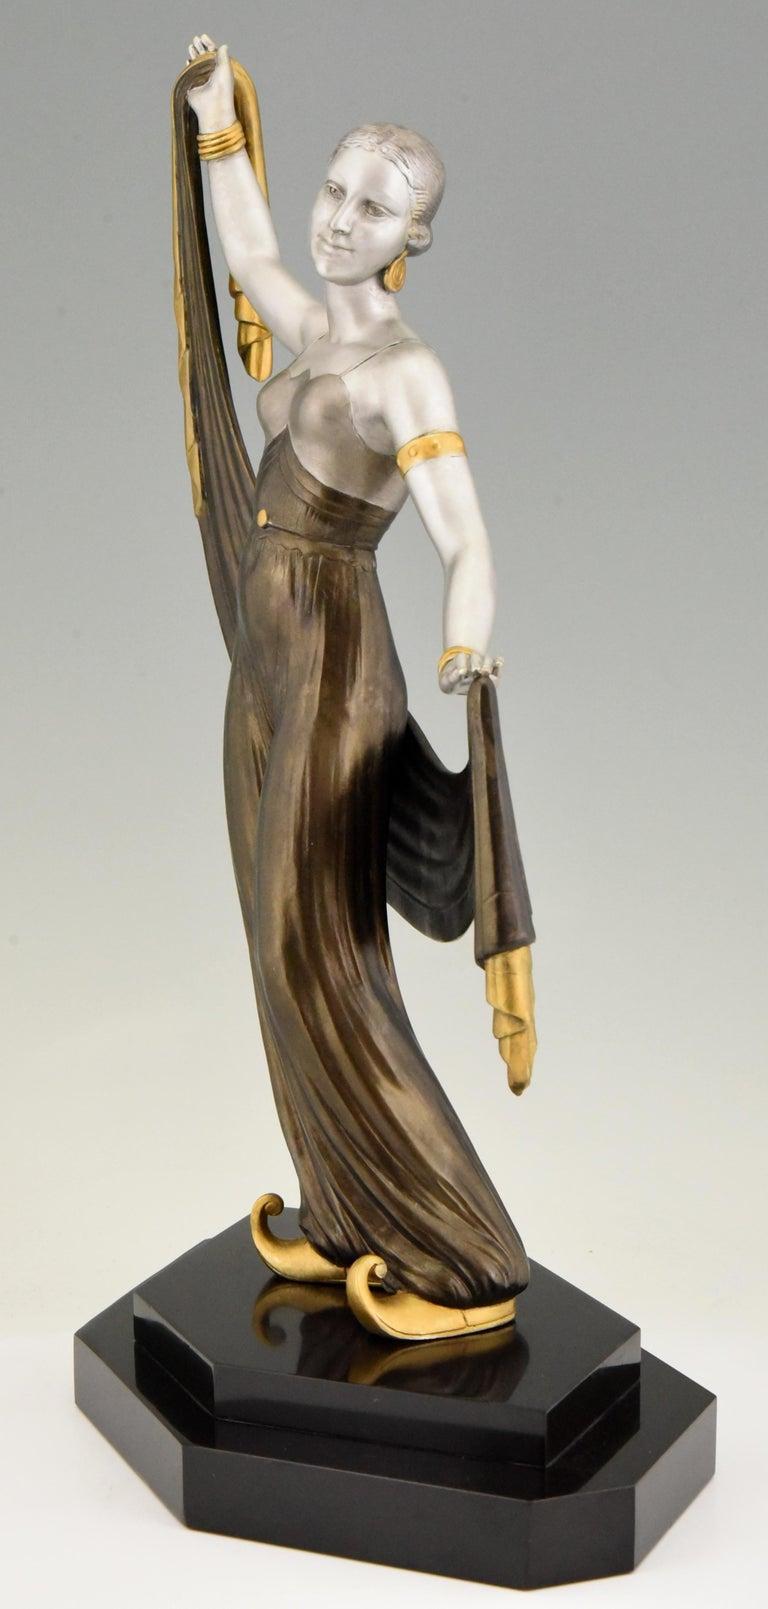 Patinated Art Deco Sculpture Harem Dancer Salvador, France, 1930 For Sale